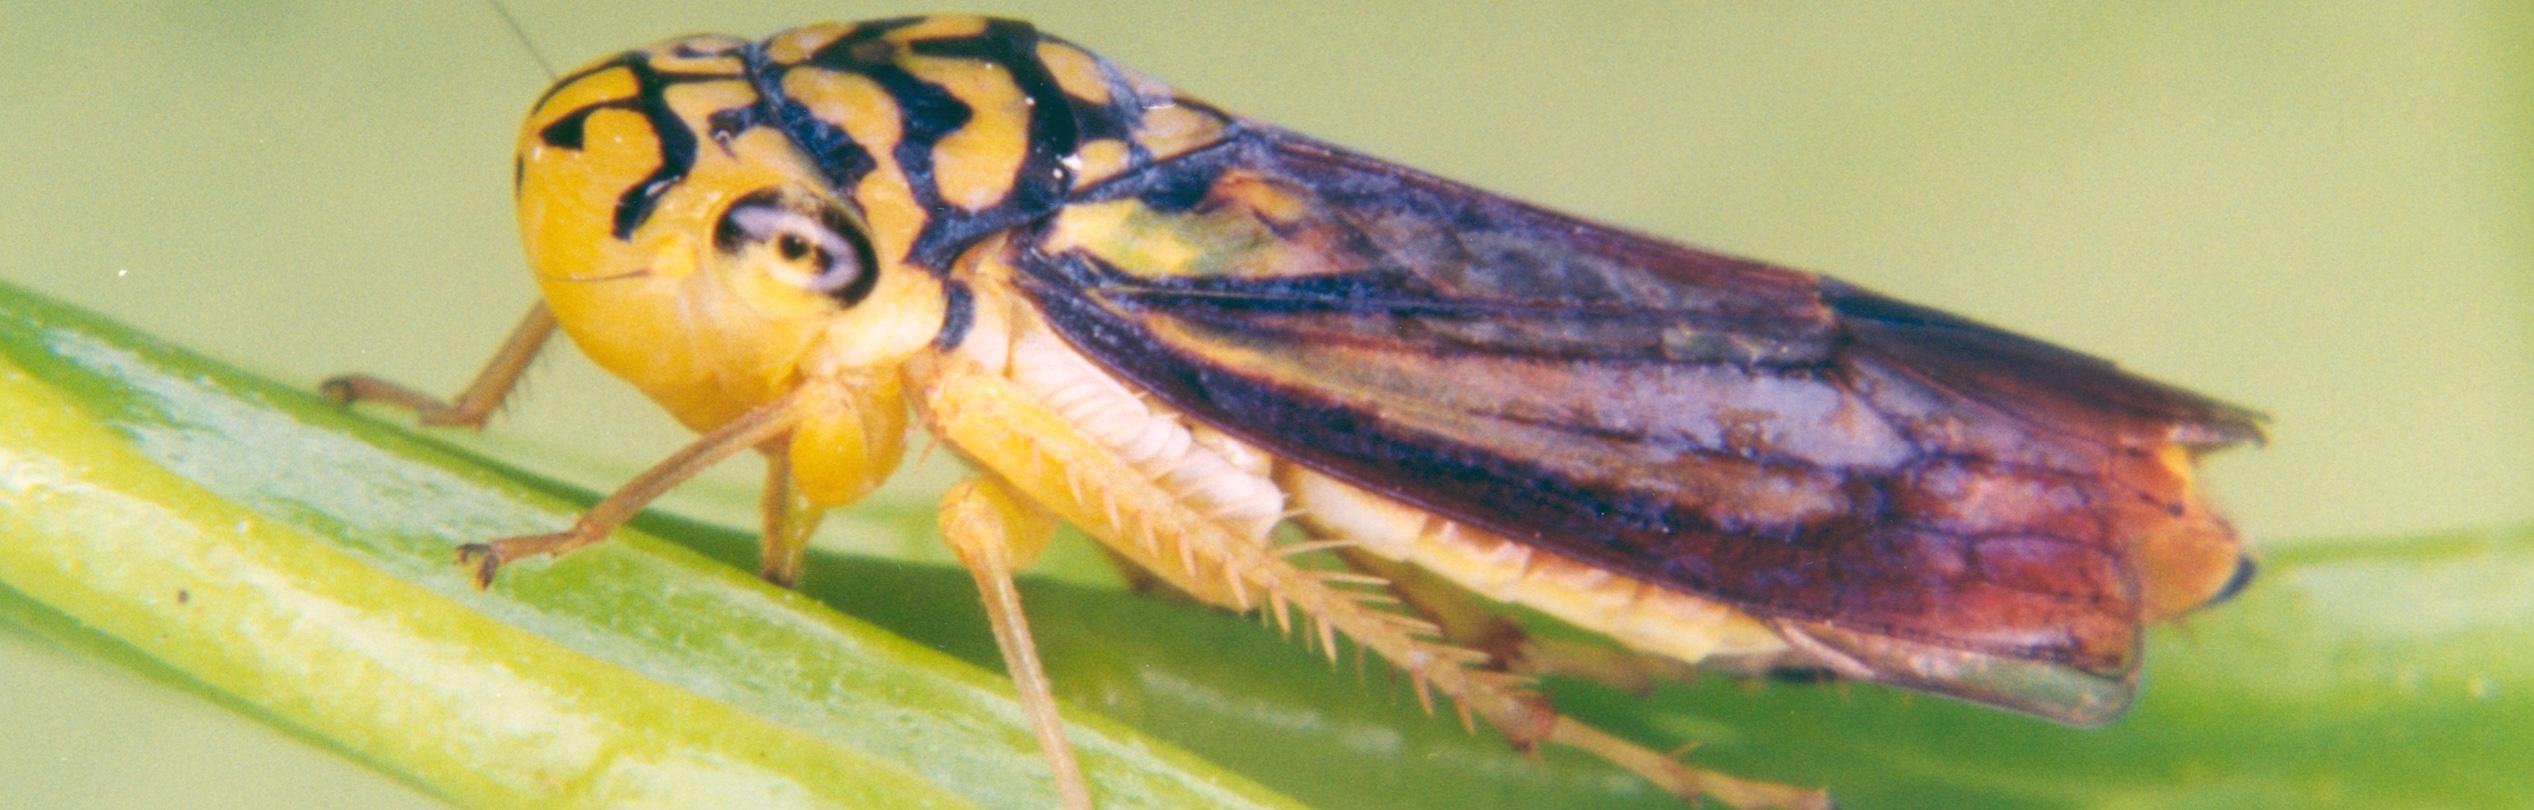 Dilobopterus costalimai, a vector of X. fastidiosa in Brazil